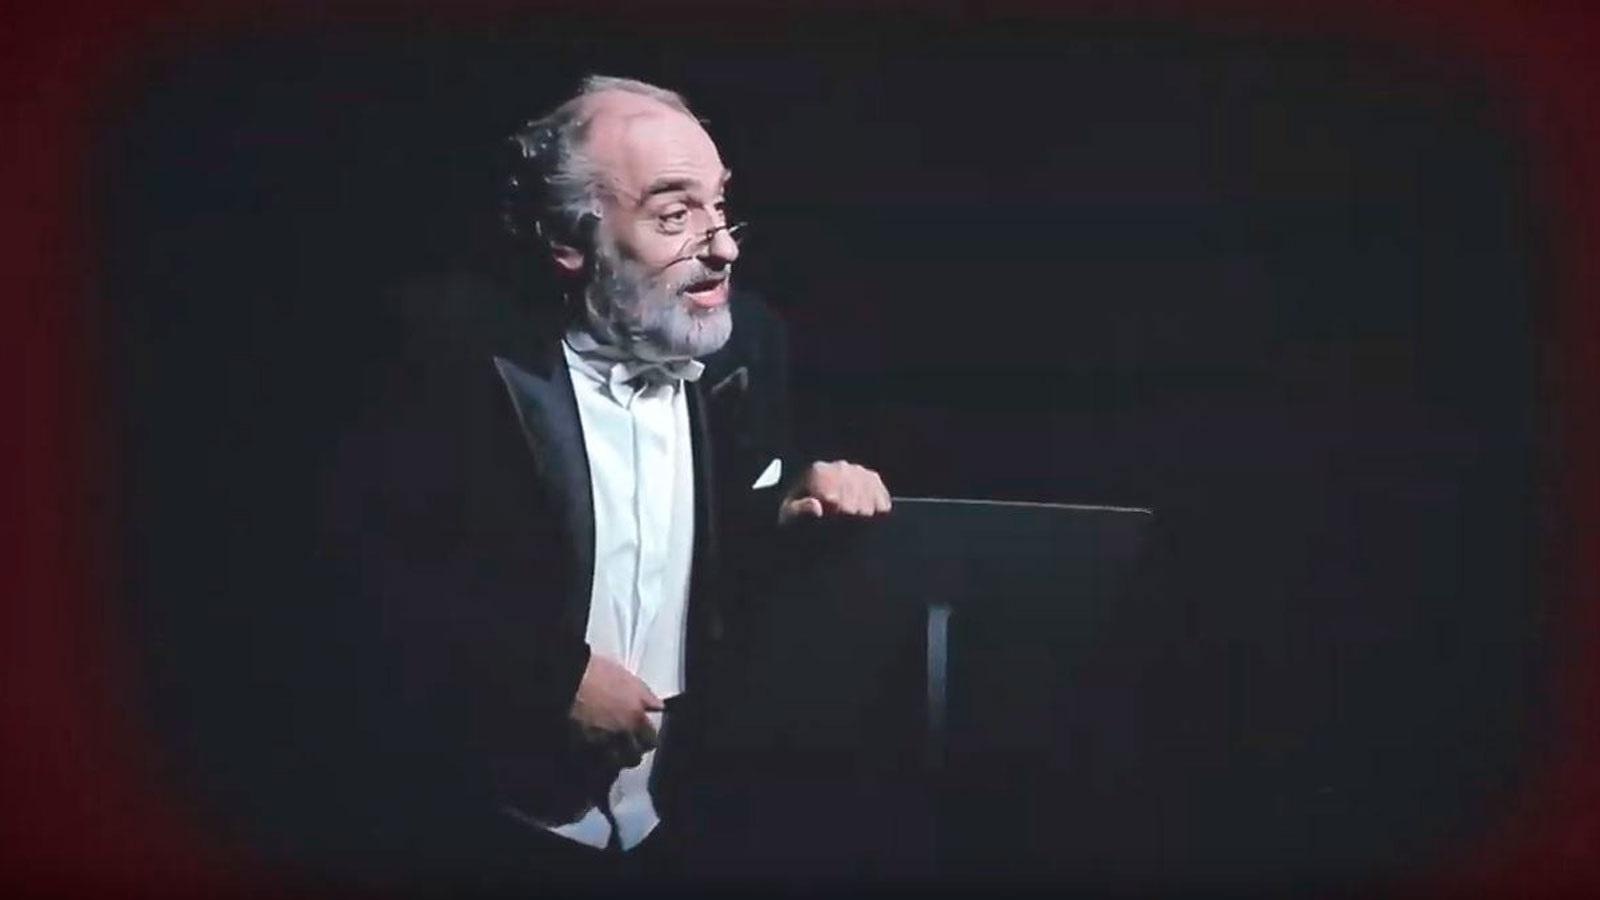 l'últim acte francesc orella teatre goya barcelona